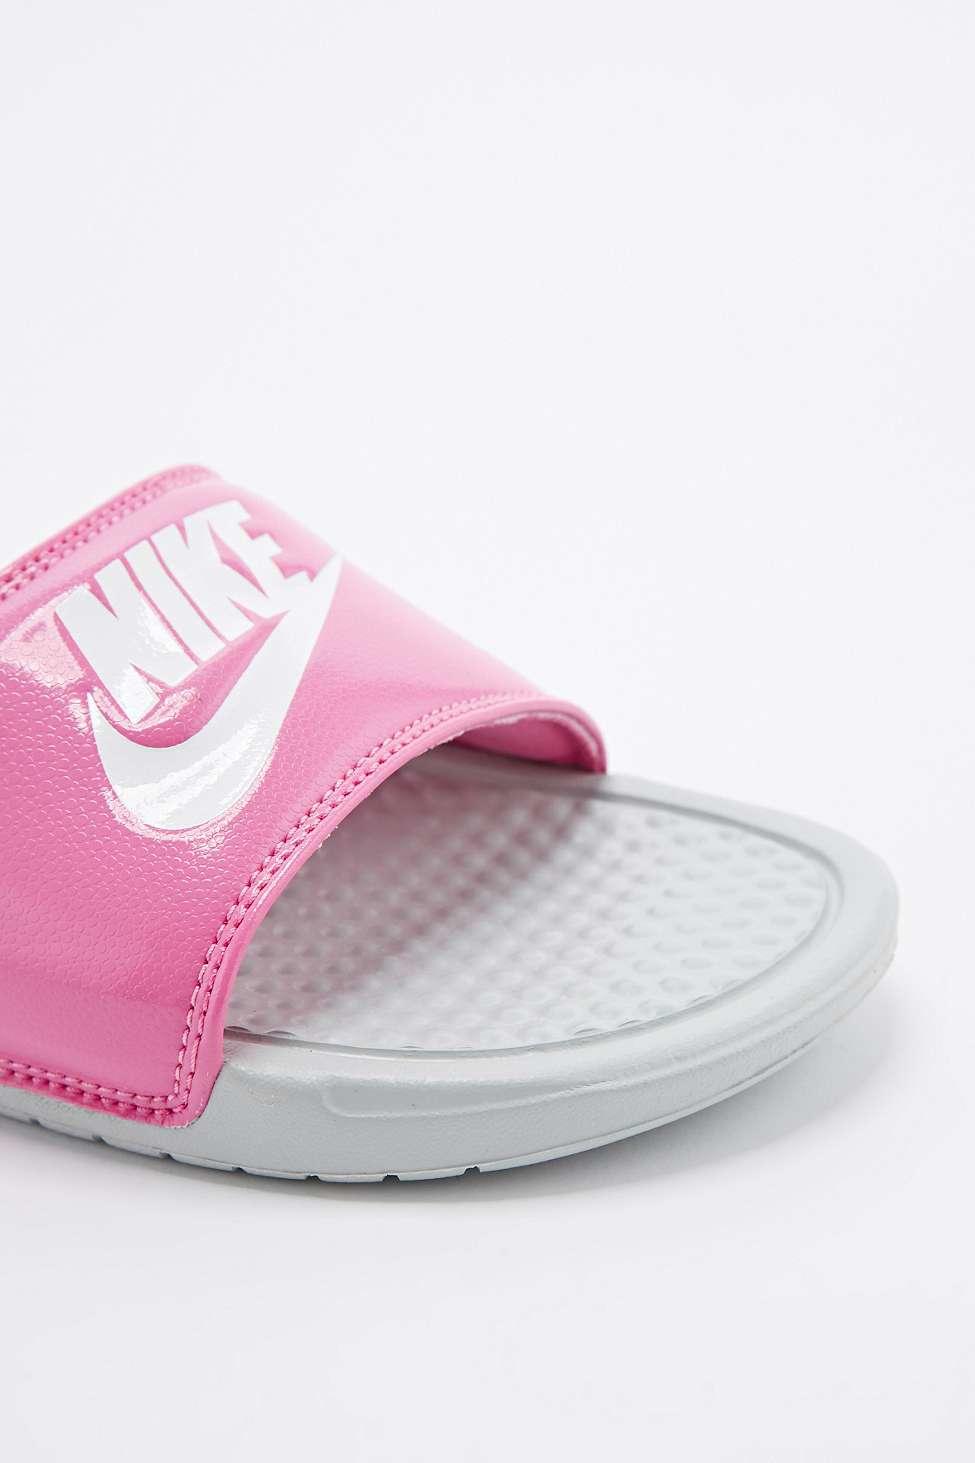 Nike Benassi Jd Sliders In Pink In Pink Lyst